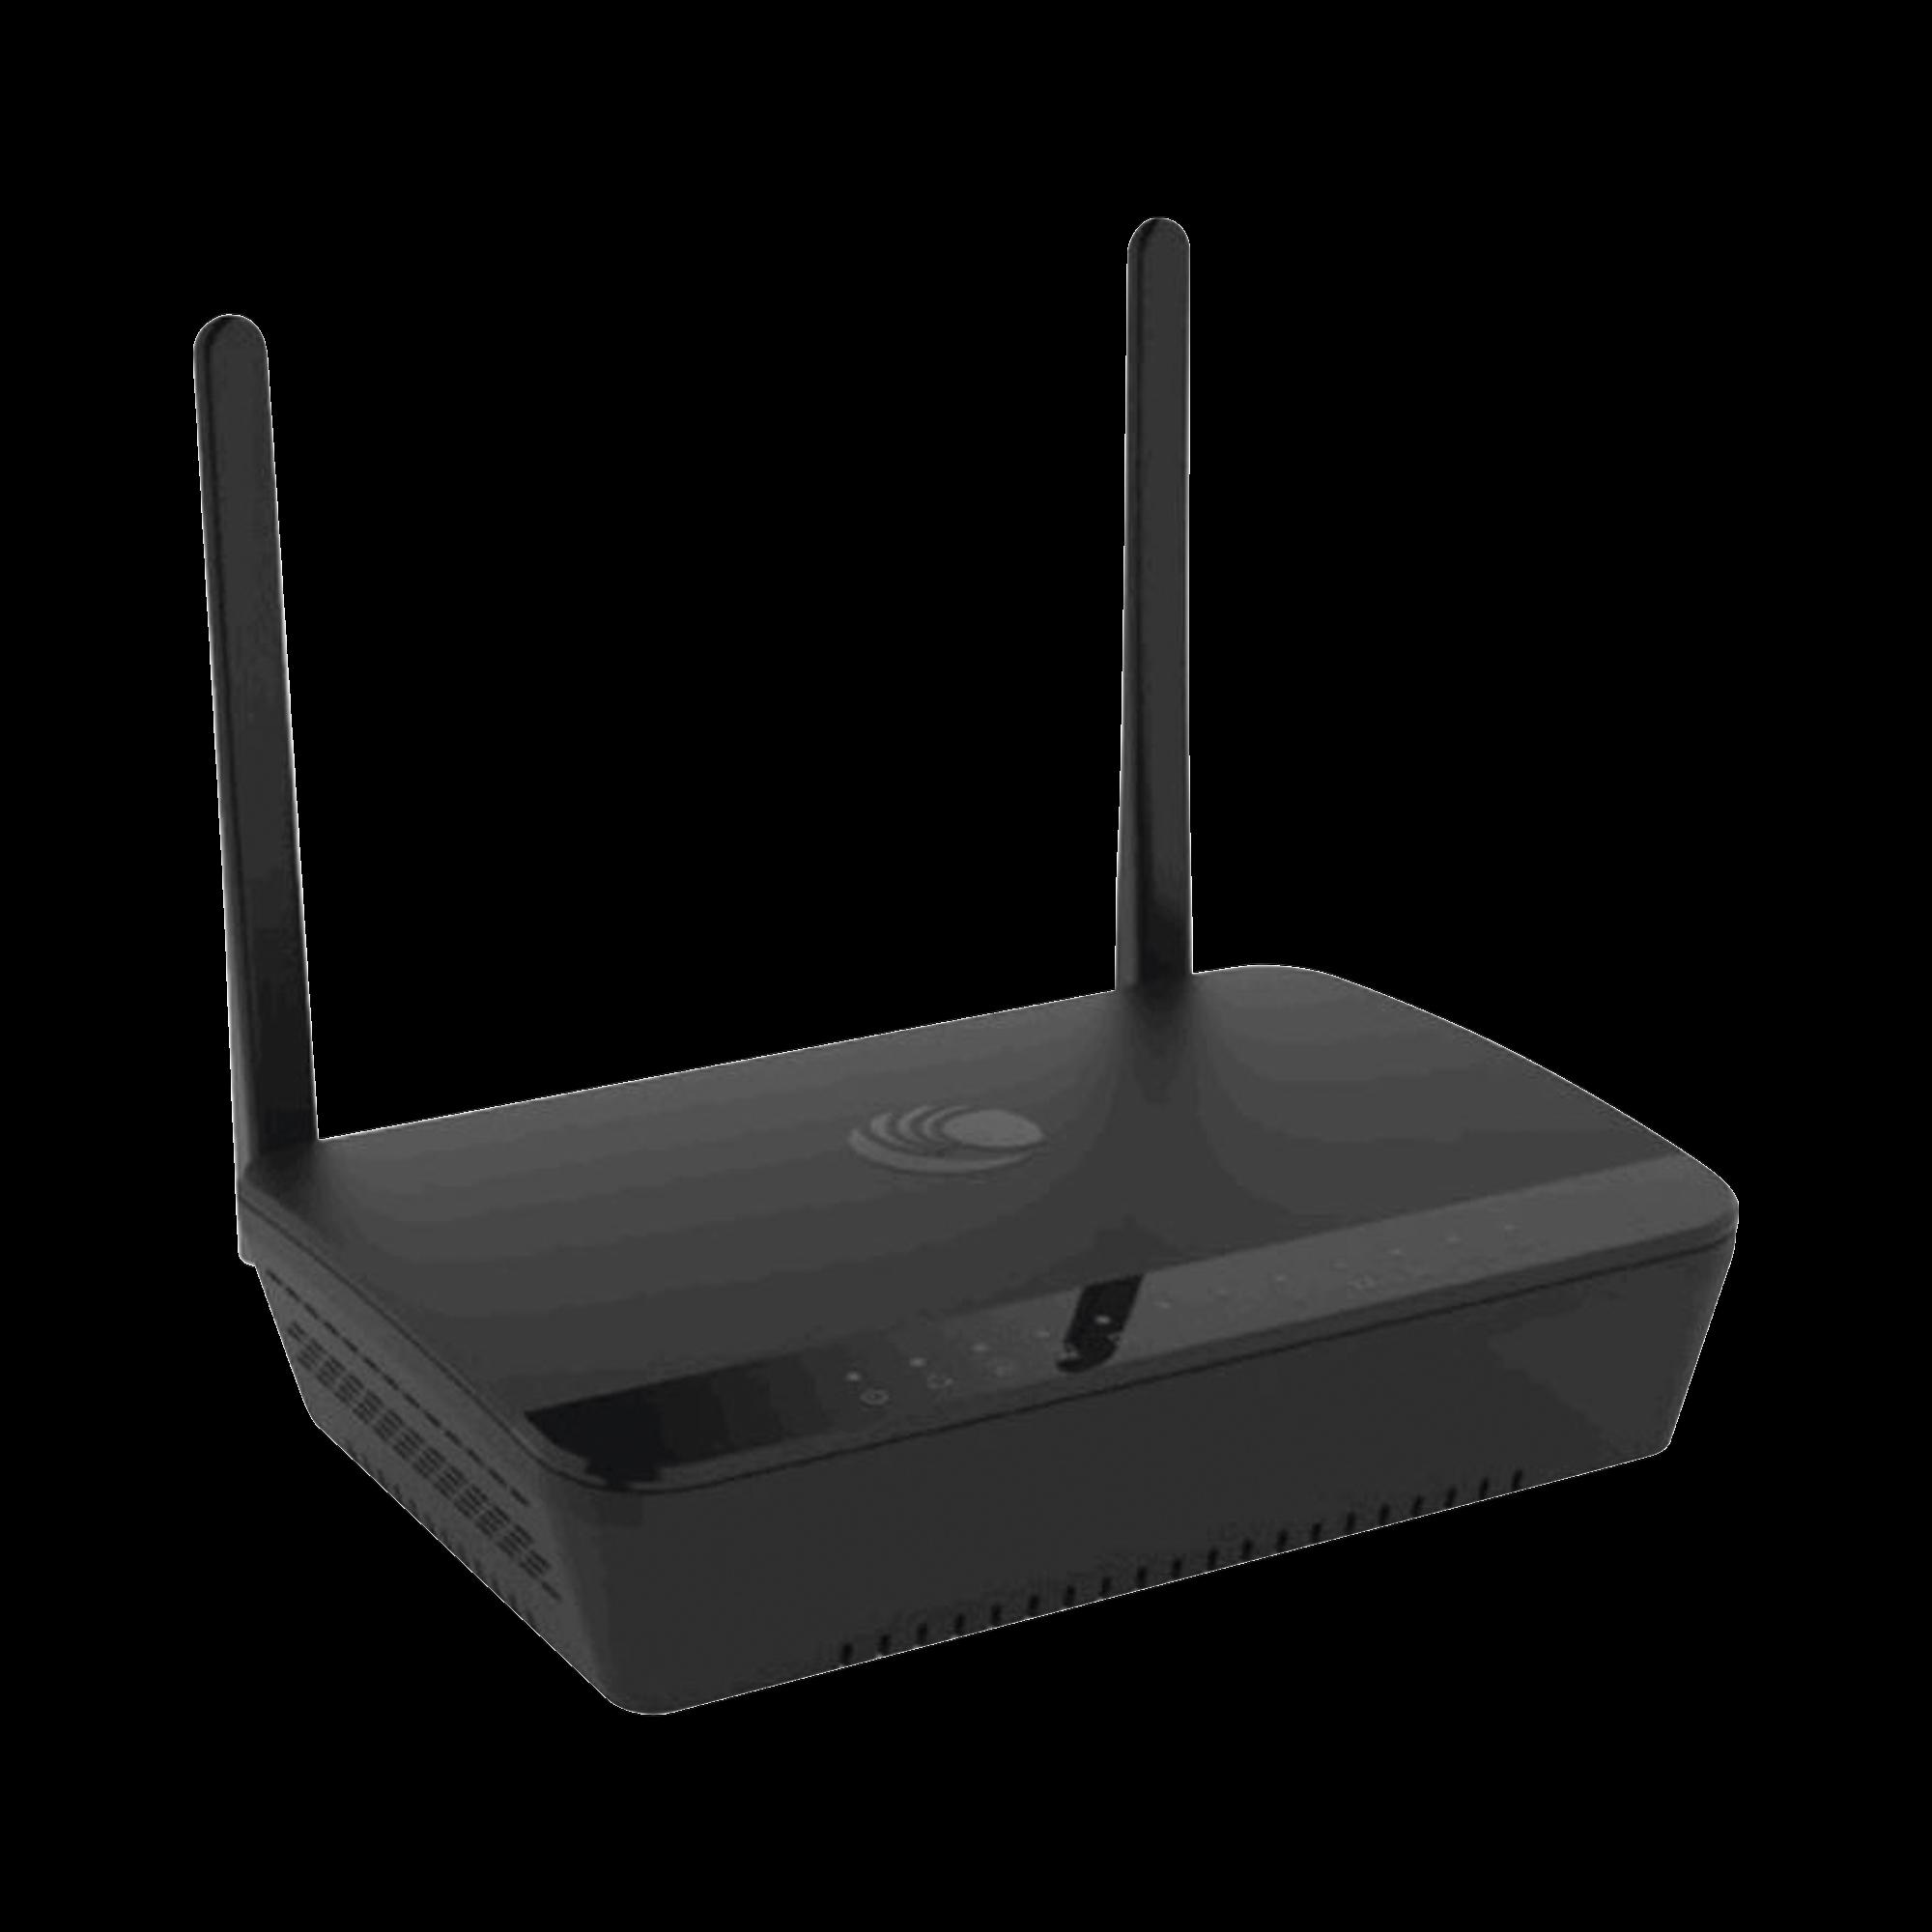 Router residencial cnPilot r195P de alta cobertura, doble banda, 2x puertos ATA, 1x puerto WAN con salida PoE para alimentar suscriptor Cambium